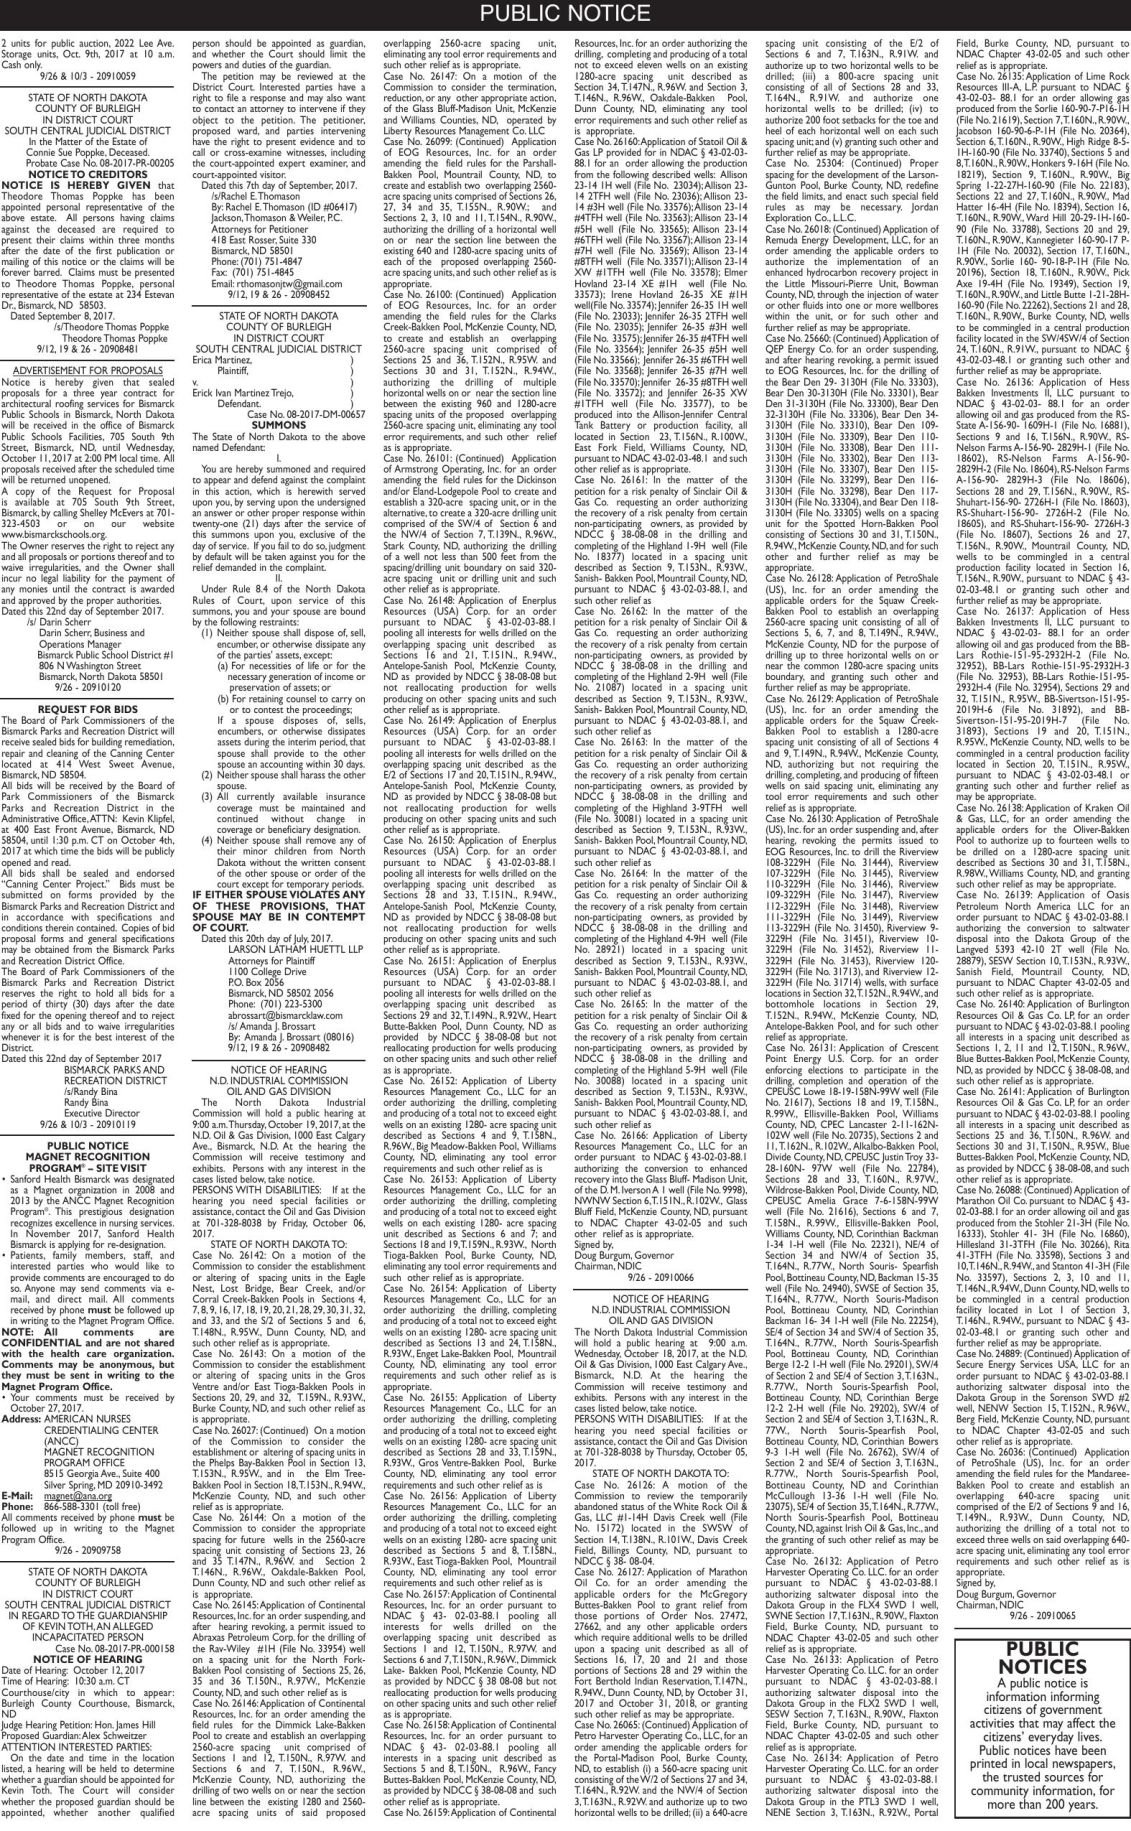 Legals - September 26, 2017